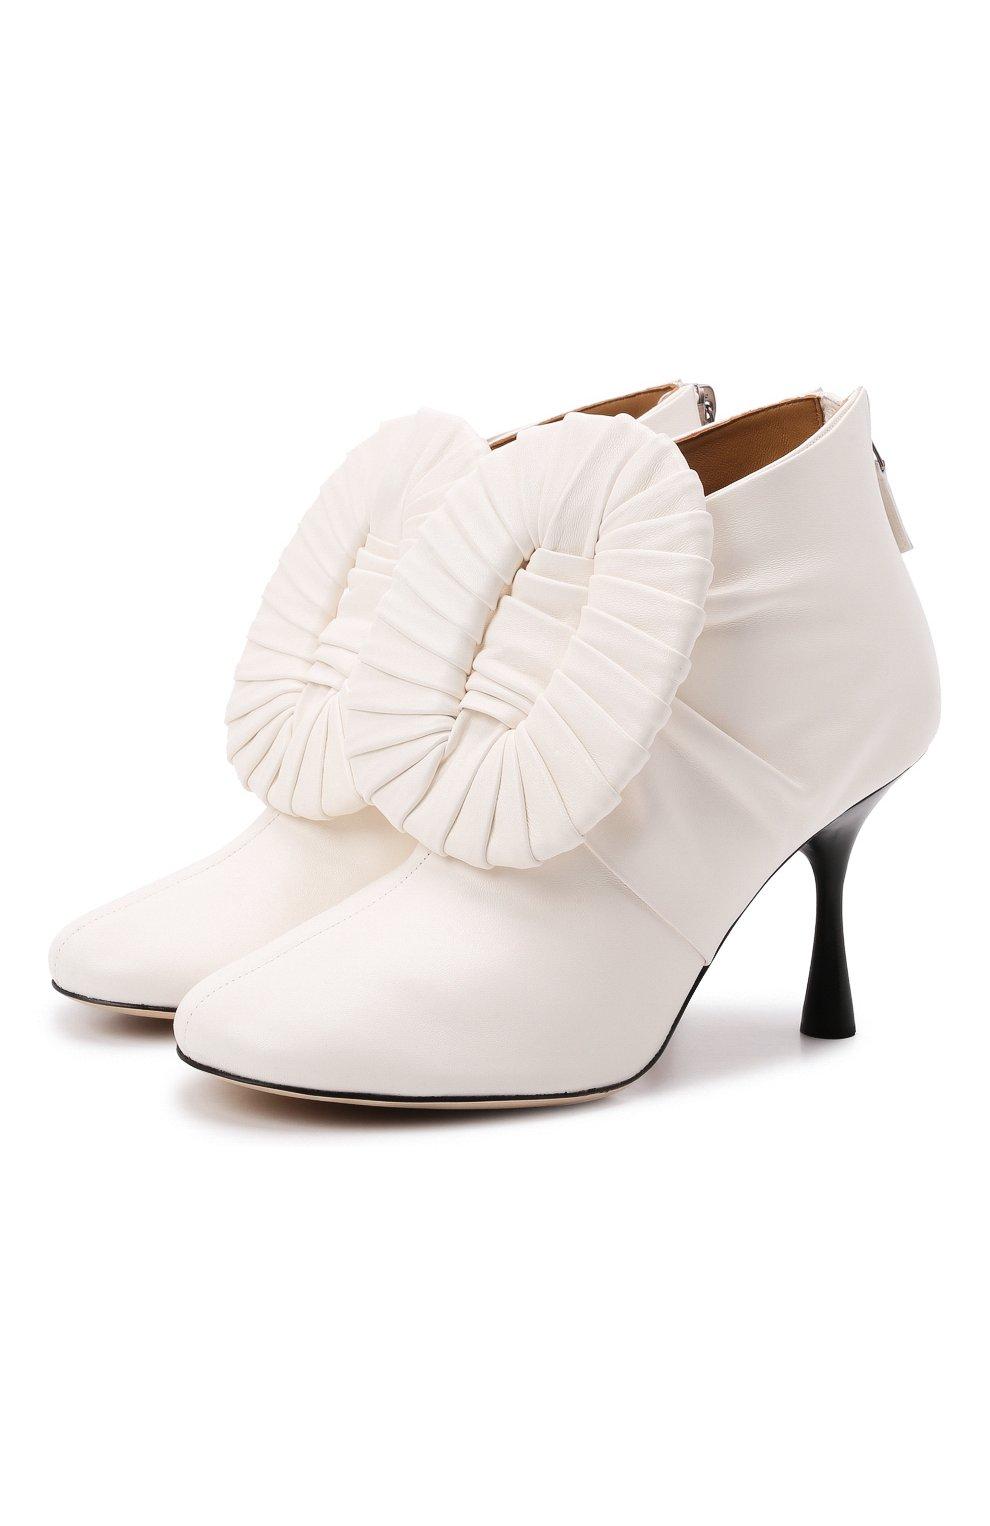 Женские кожаные ботильоны LOEWE кремвого цвета, арт. L814286X10 | Фото 1 (Каблук высота: Высокий; Материал внутренний: Натуральная кожа; Каблук тип: Шпилька; Подошва: Плоская)